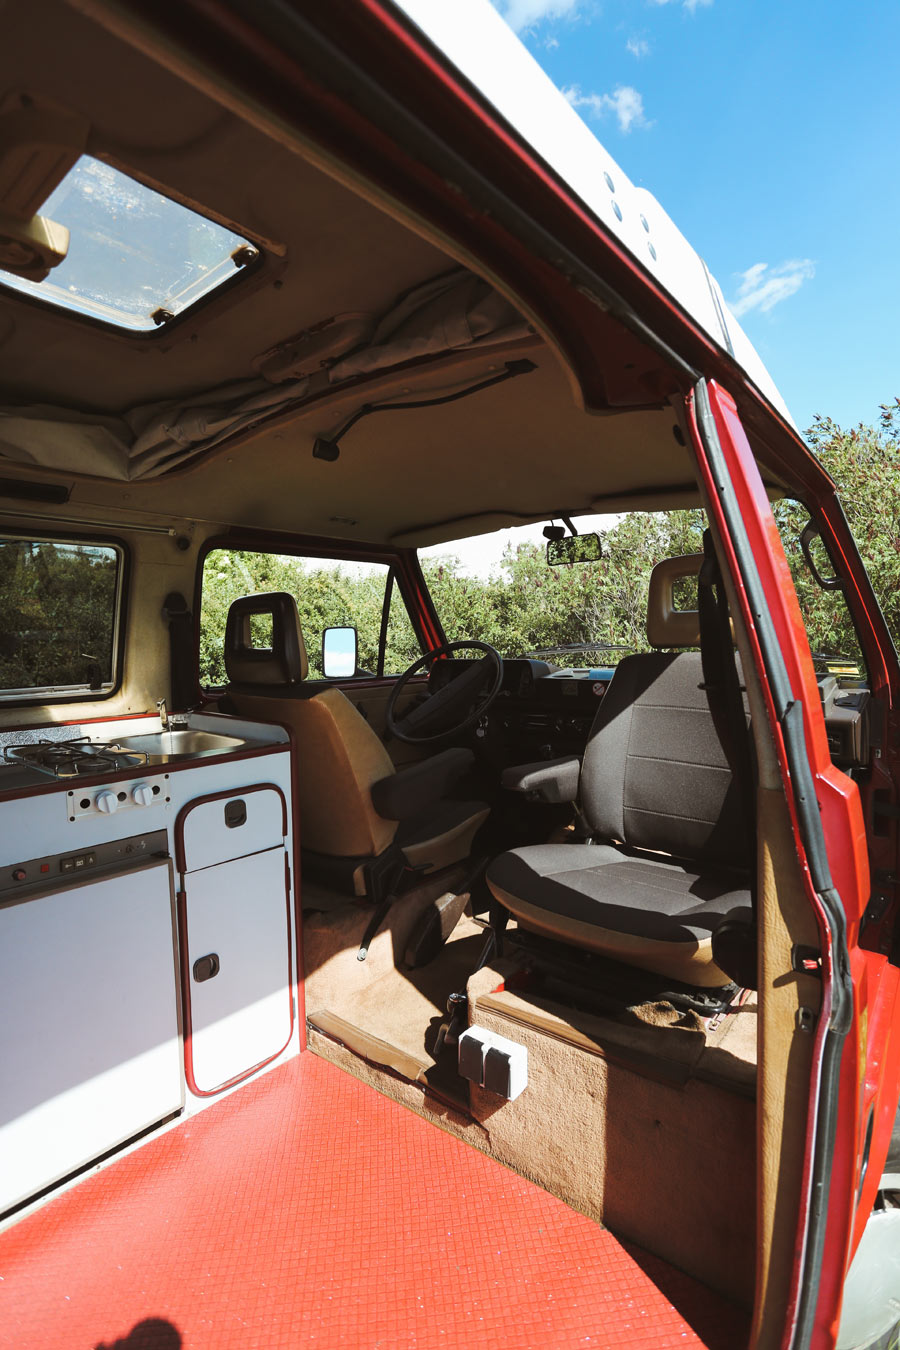 BulliHoliday Campingbus mieten Janine - Küchenblock und Fahrerkabine mit Pilotsitzen 1